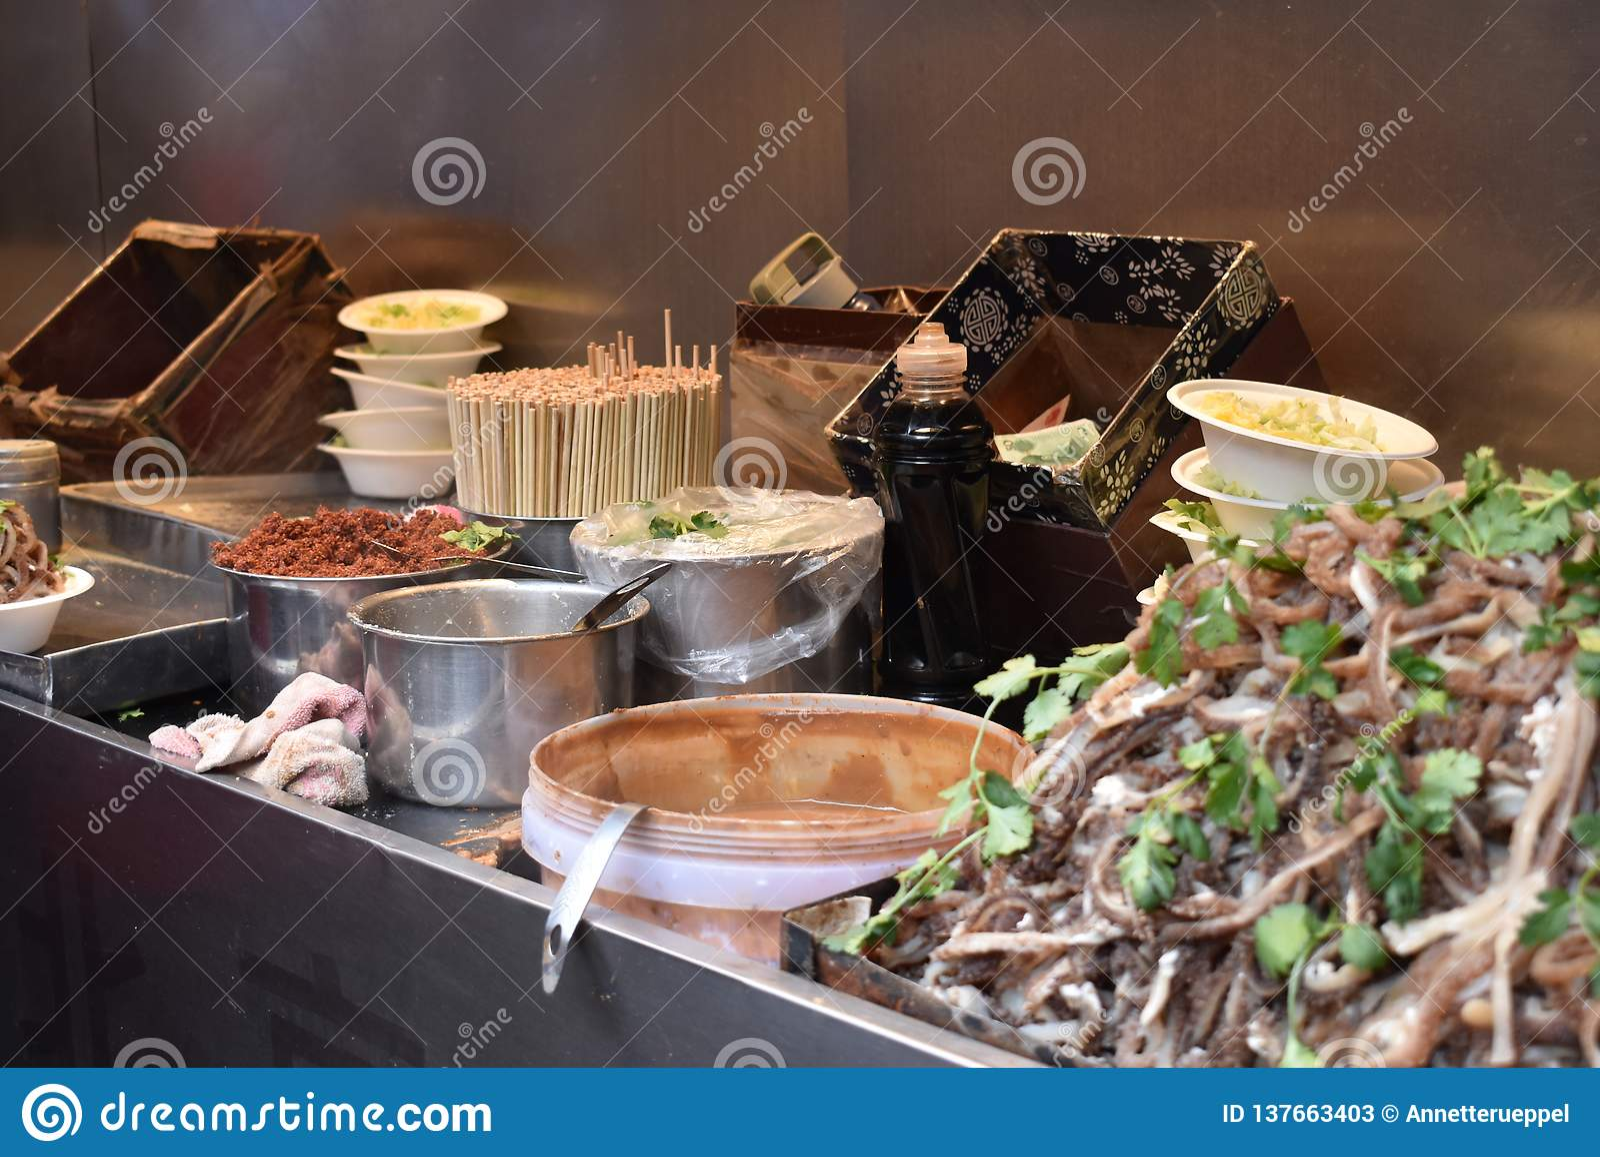 Ingredientes para uma sopa chinesa com carne de carne de porco em um mercado chinês local no Pequim